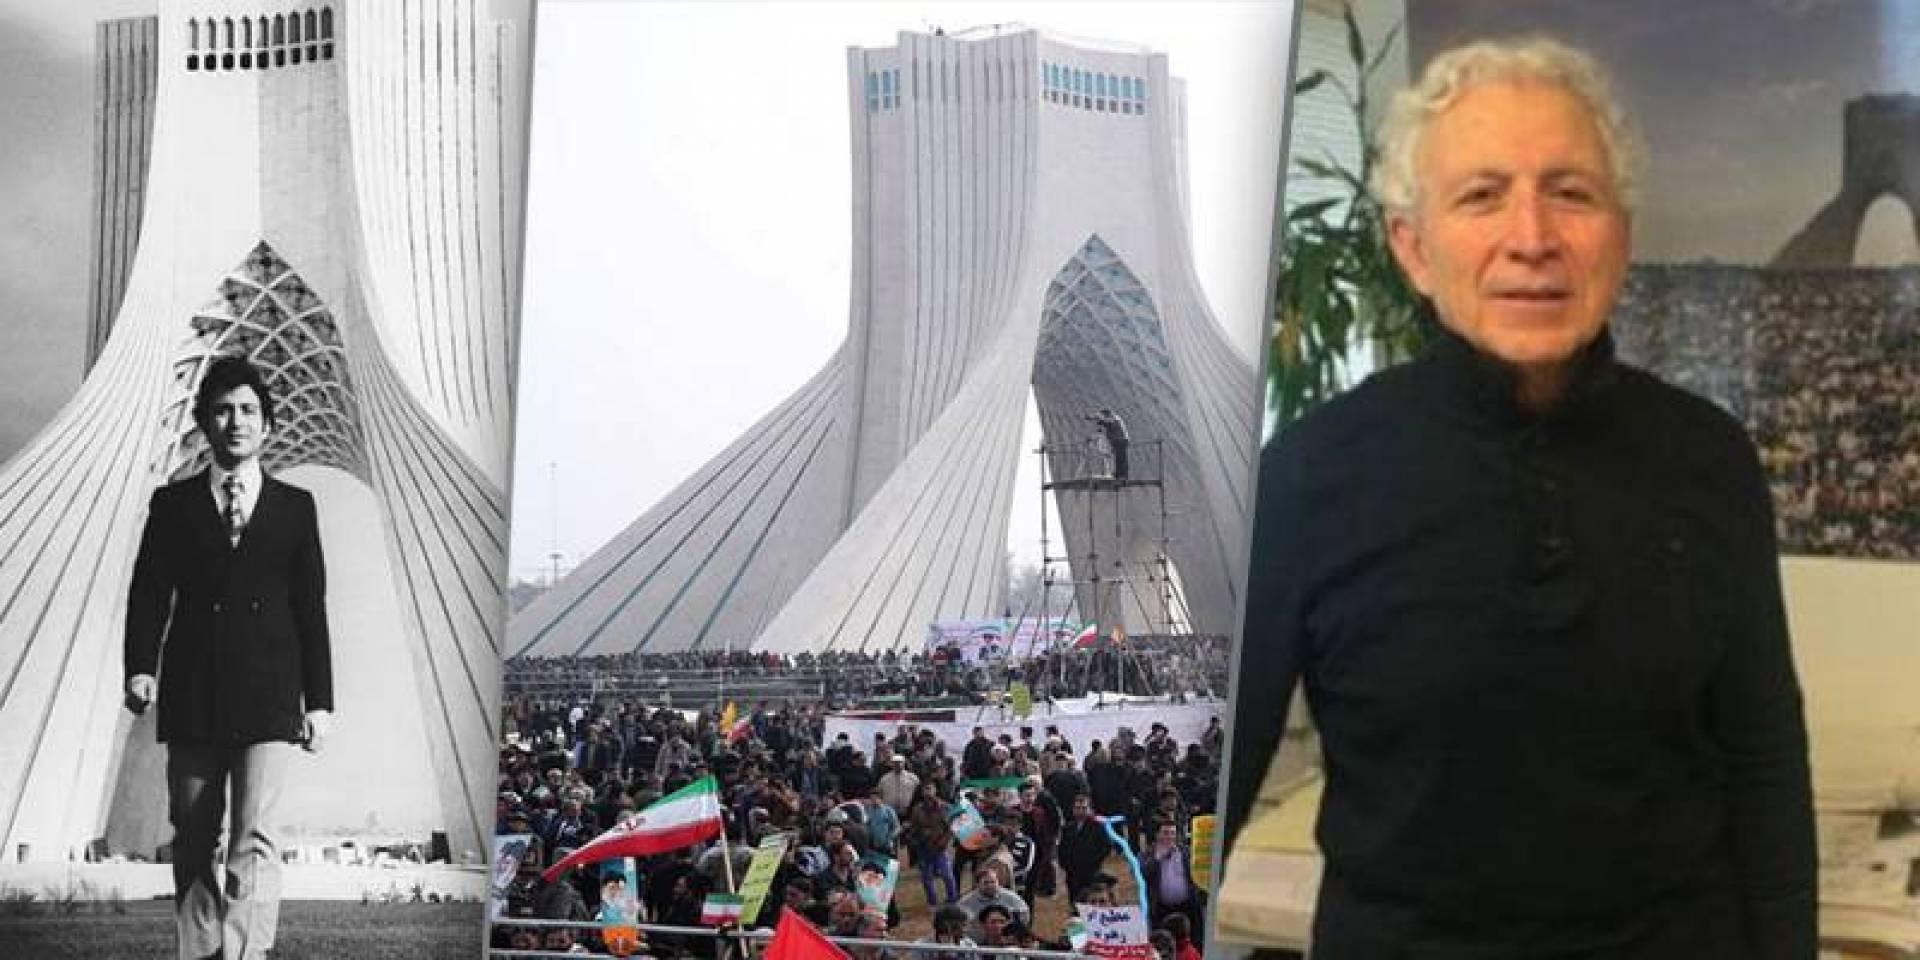 مفارقة مأساوية.. مصمم ميدان «آزادي» رمز الحرية في إيران فر هارباً بسبب الاضطهاد